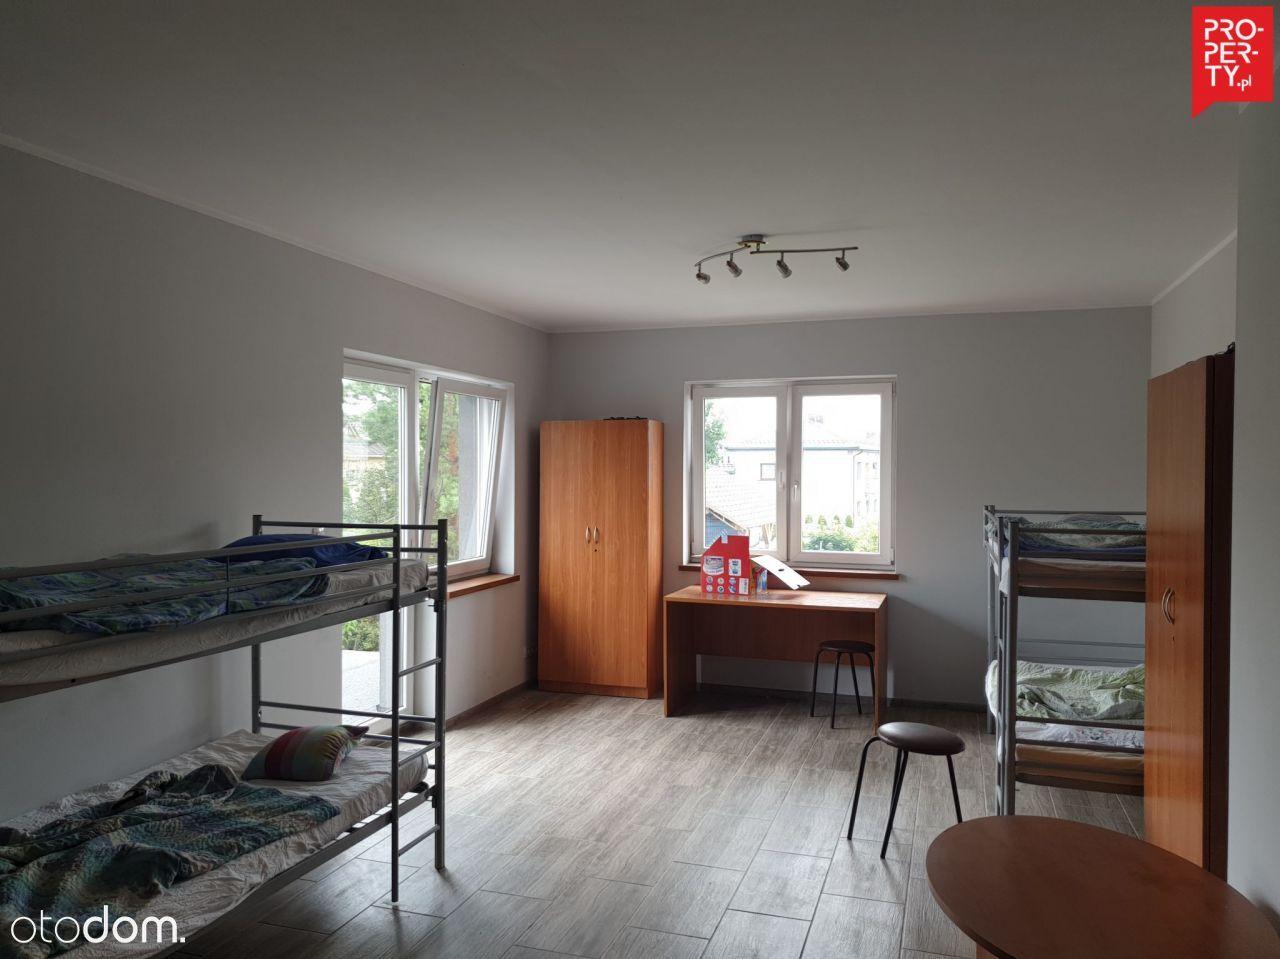 Mieszkanie do wynajęcia dla pracowników